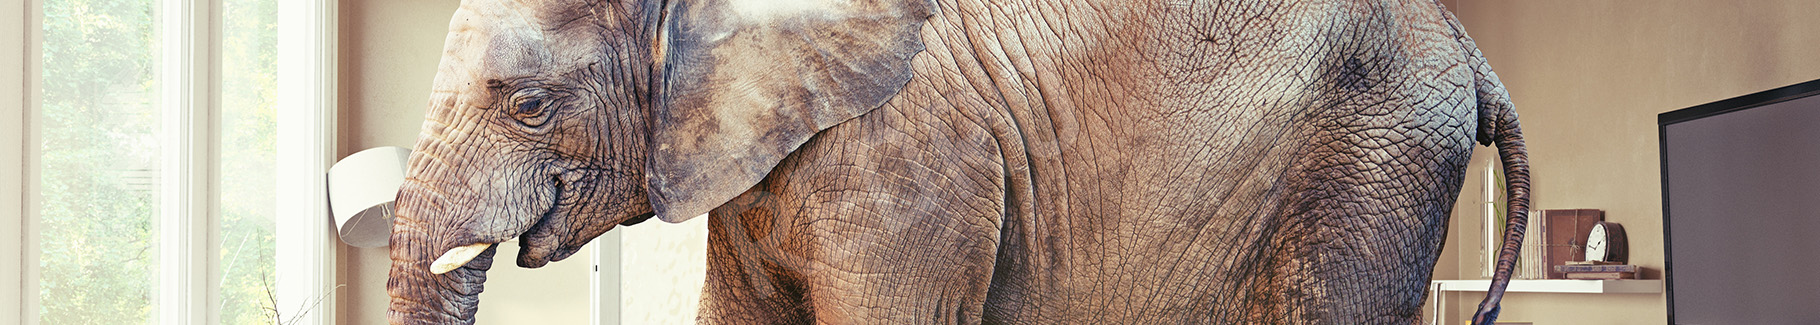 Obraz słoń w salonie